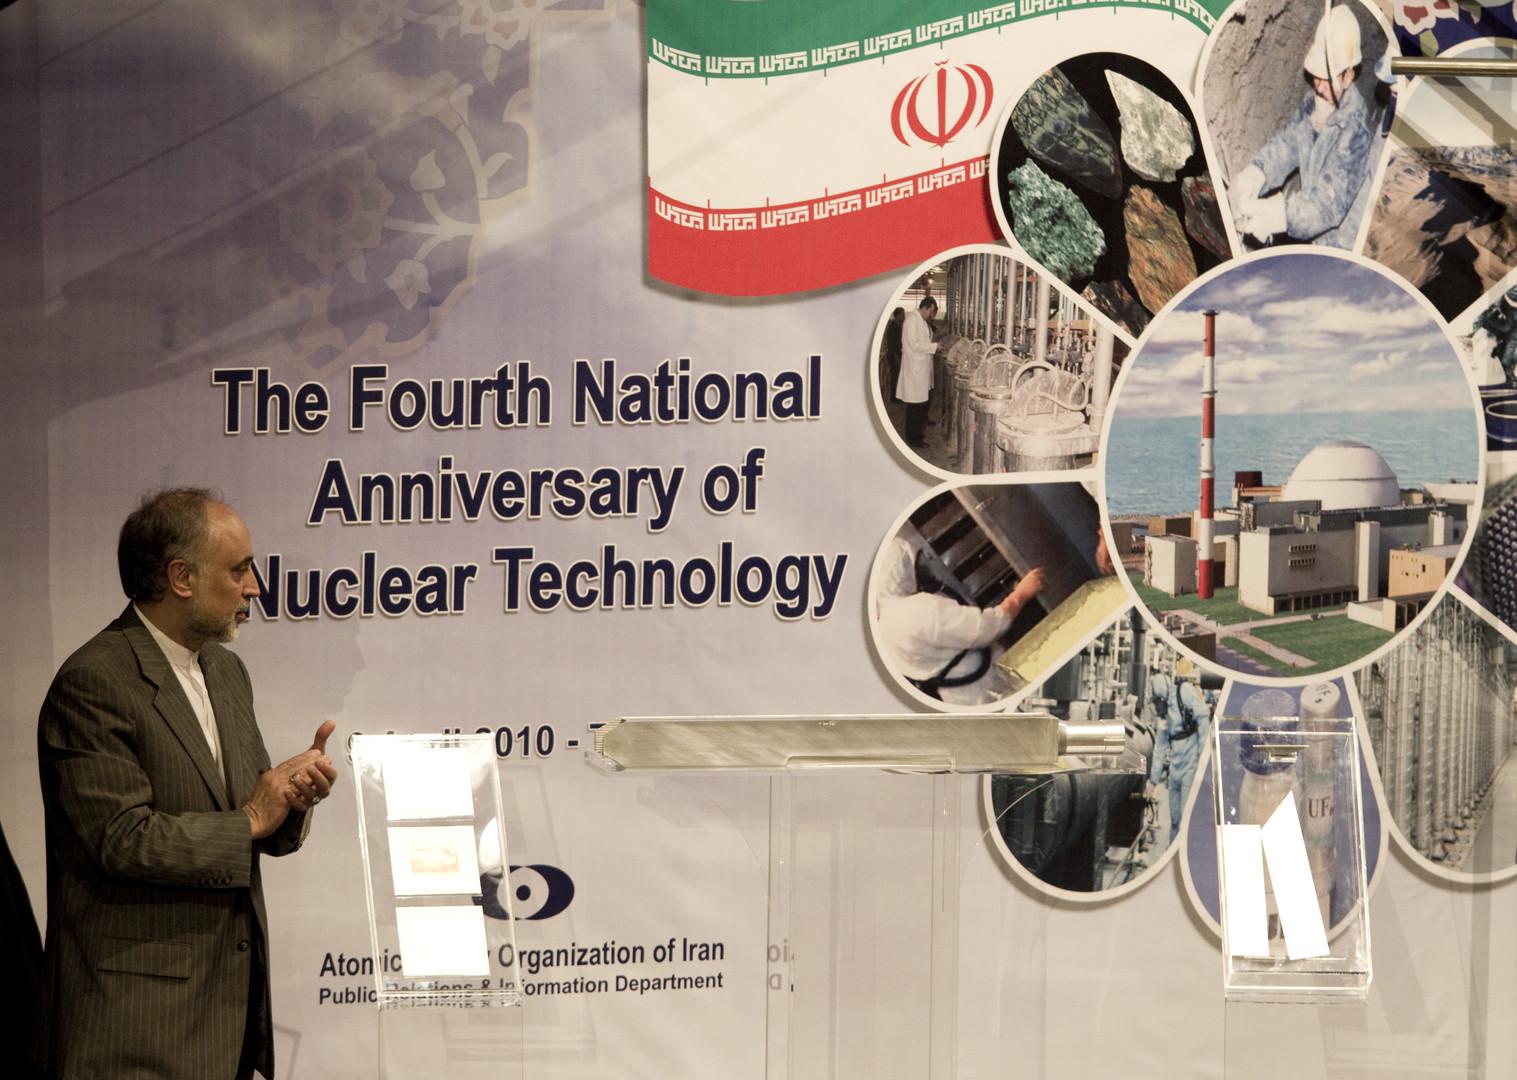 على أكبر صالحي يتحدث عن مفاعلات إيران النووية- صورة من الأرشيف